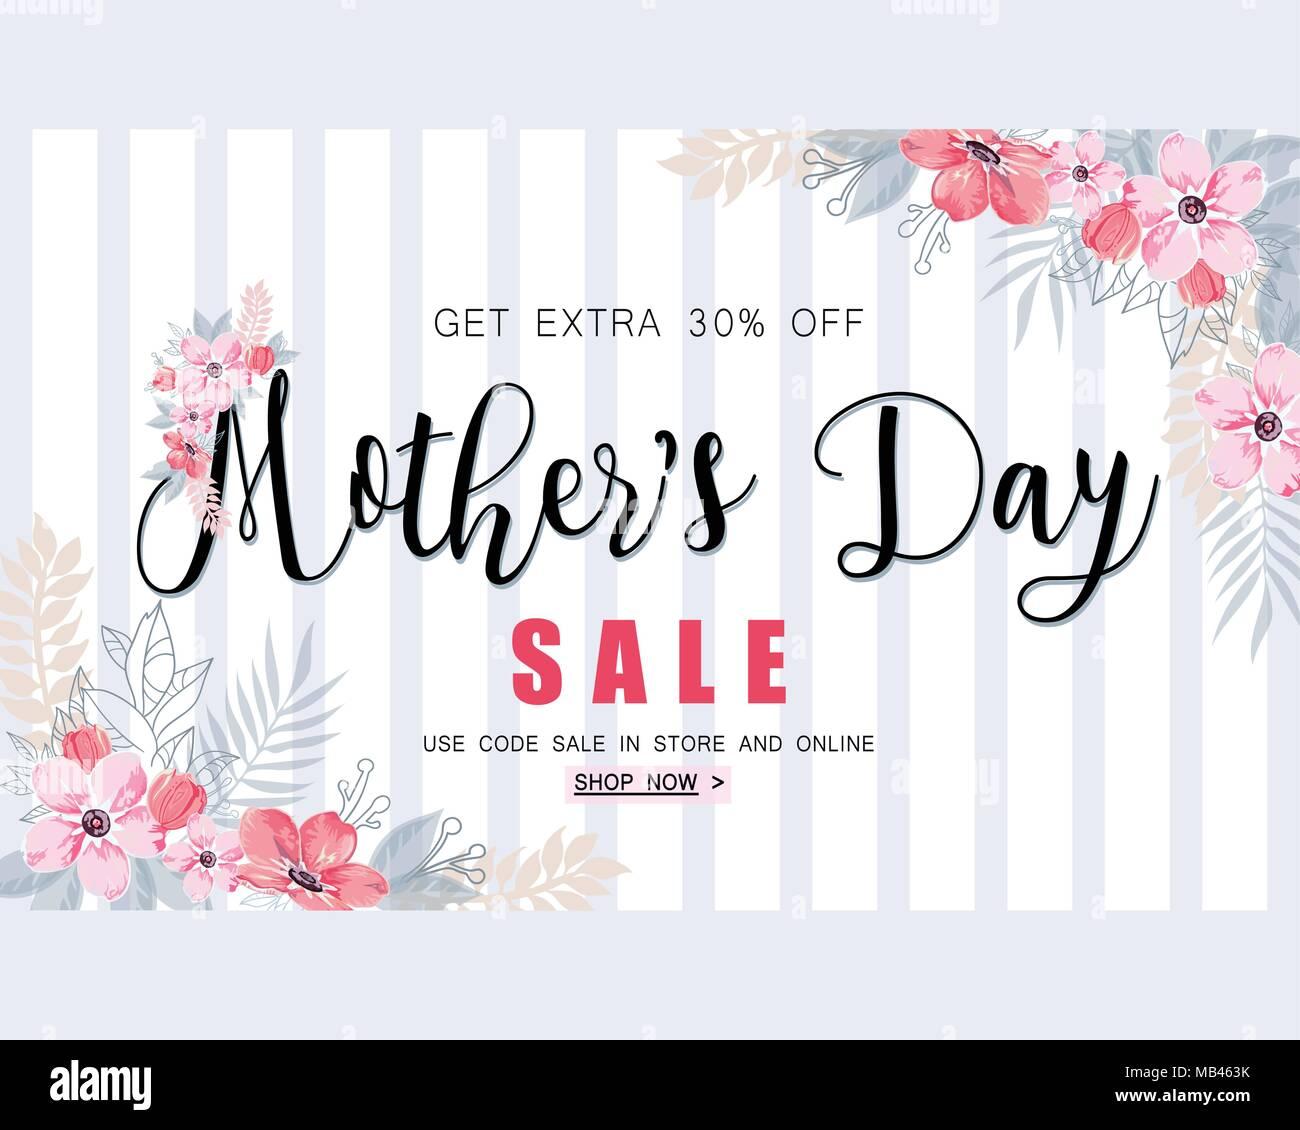 Mothers Day Storewide Sale Template: Muttertag Verkauf Banner Vorlage Für Social Media Werbung